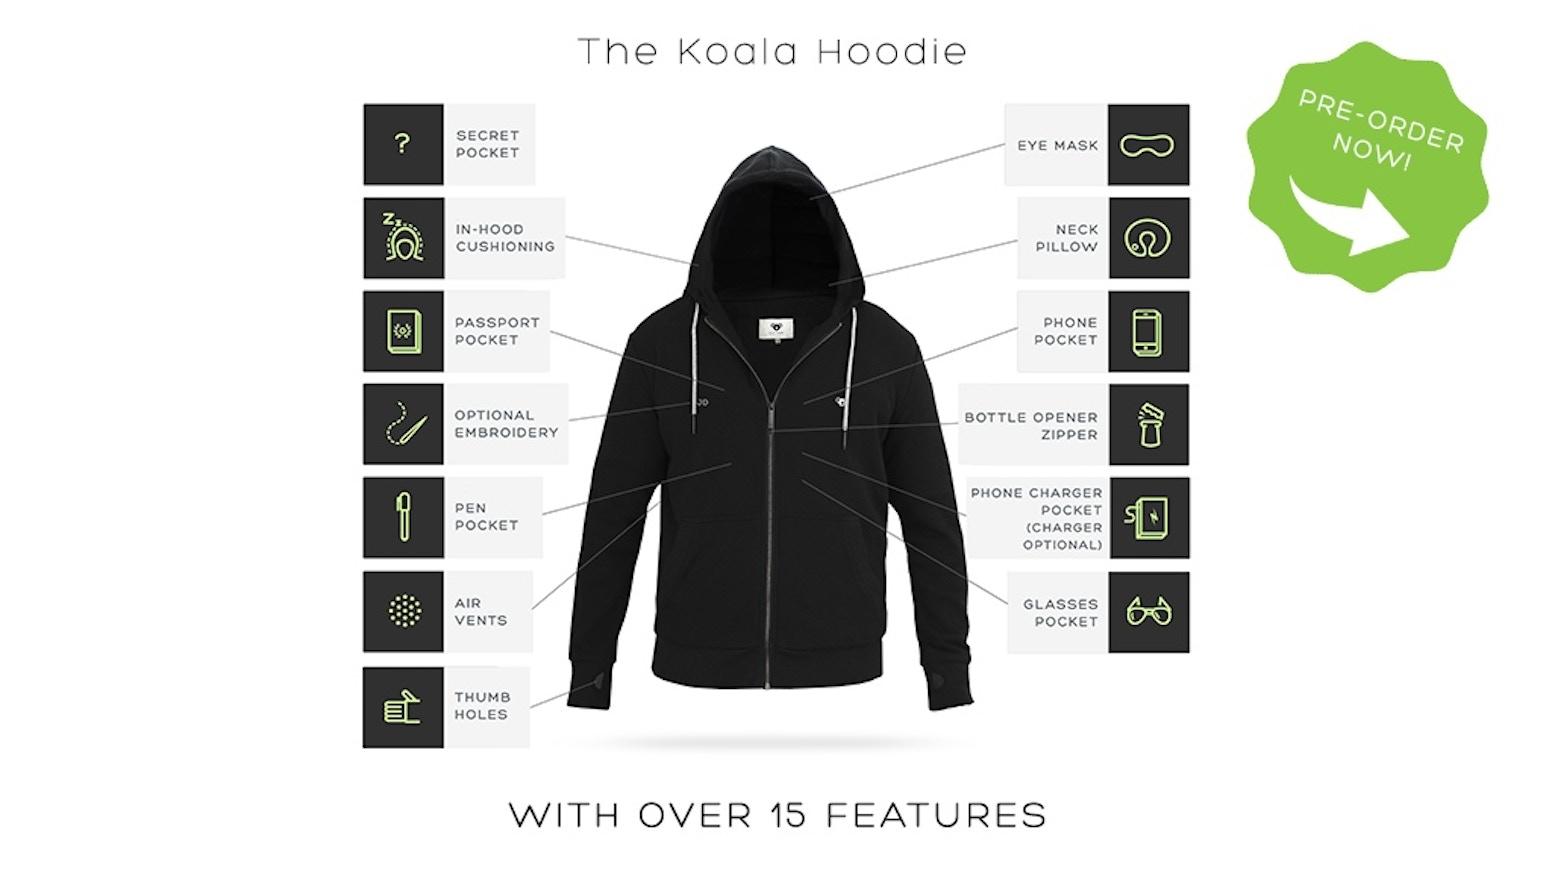 The ultimate hoodie